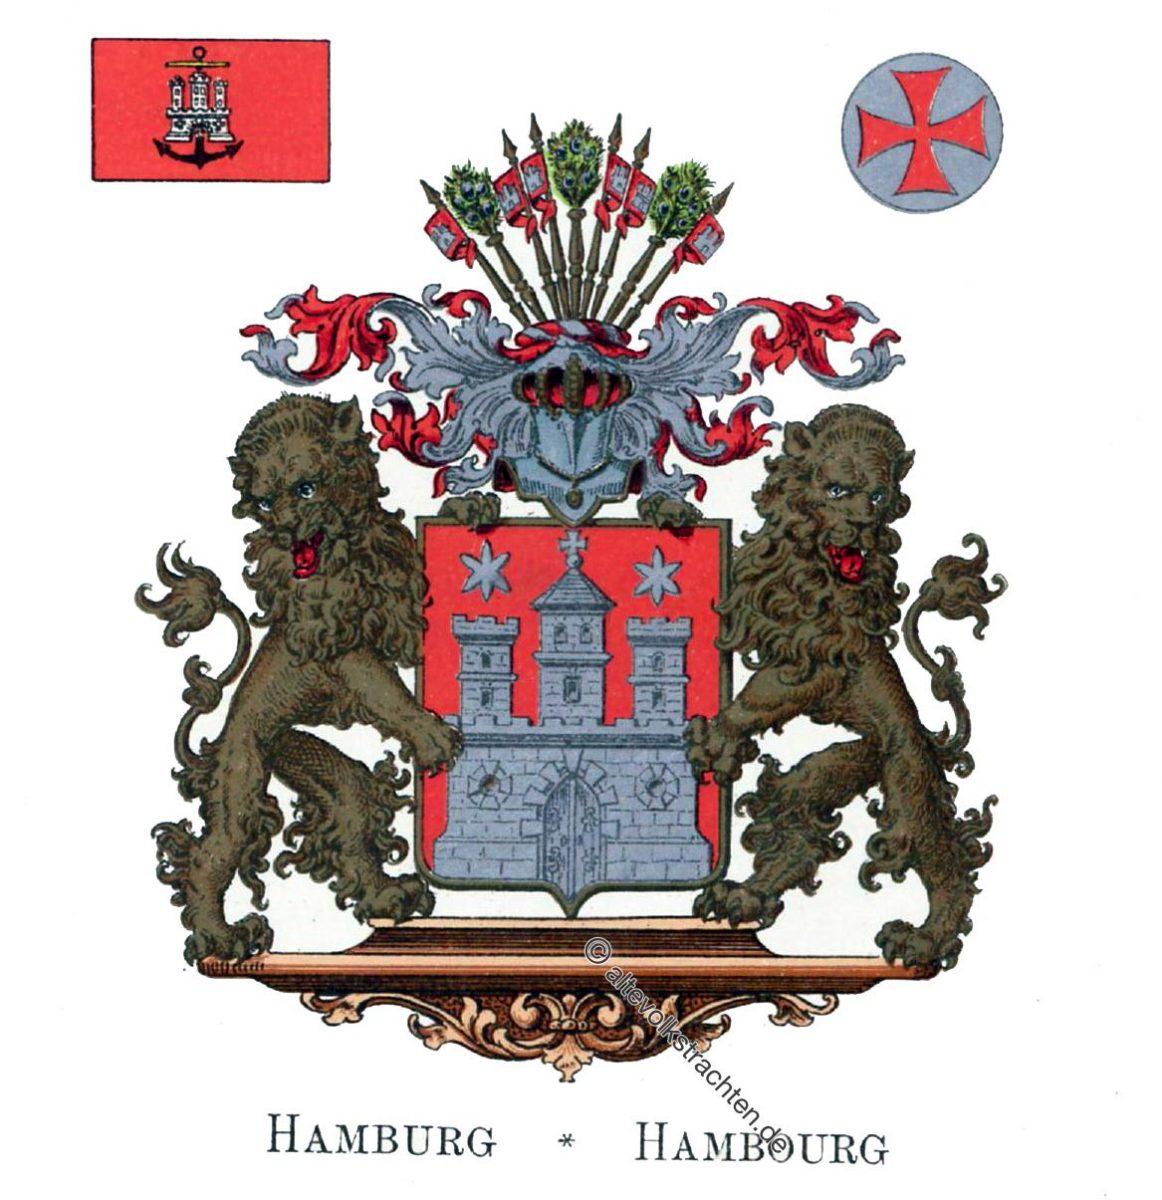 Hamburg, Staatswappen, Wappen, Heraldik, Deutschland, Landesflaggen, Cocarden, heraldry, héraldique, armoiries,